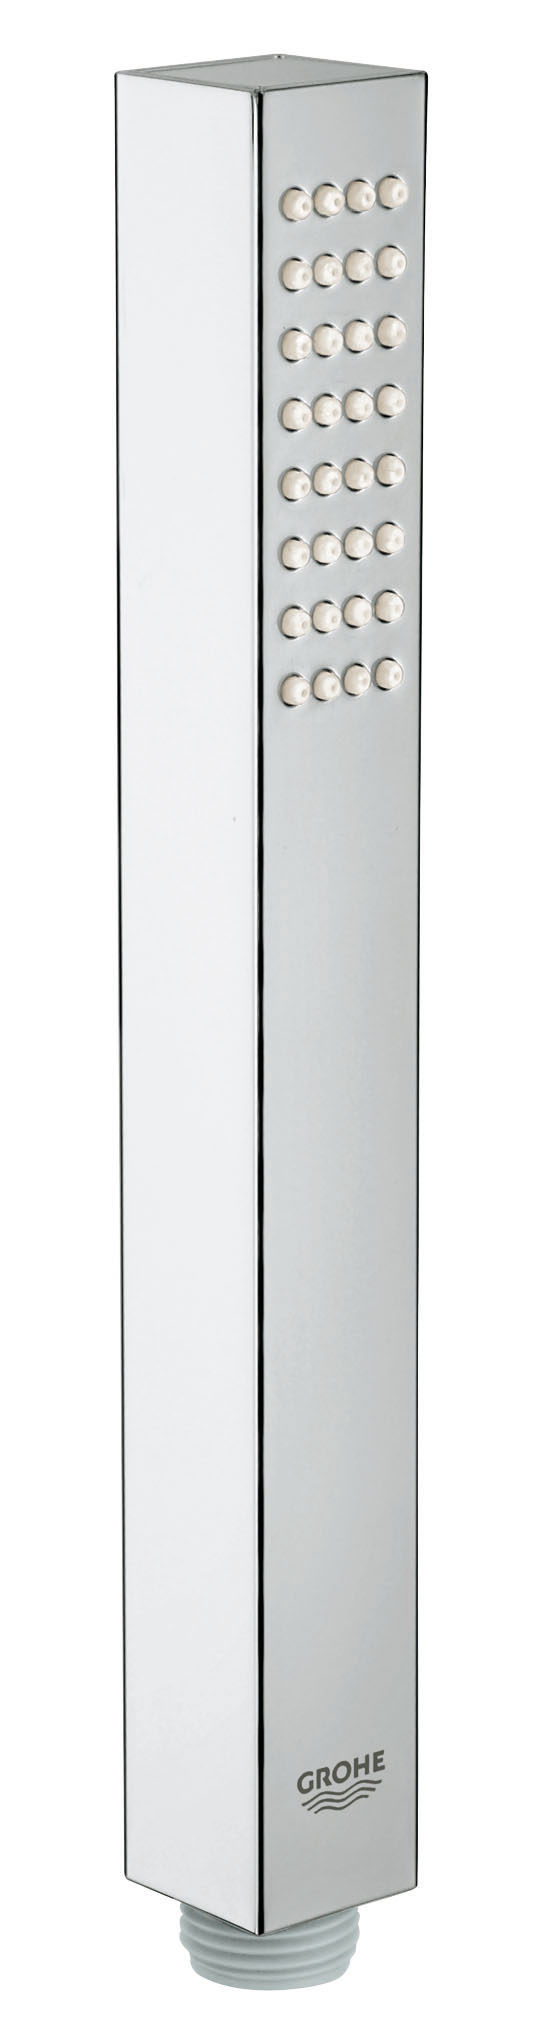 Ручной душ GROHE Euphoria Cube (1 режим) (27698000)28947000 GROHE DreamSpray превосходный поток водыGROHE StarLight хромированная поверхность С системой SpeedClean против известковых отложенийВнутренний охлаждающий канал для продолжительного срока службыМожет использоваться с проточным водонагревателемУниверсальное крепление, подходящее к любому стандартному шлангуВидео по установке является исключительно информационным. Установка должна проводиться профессионалами!